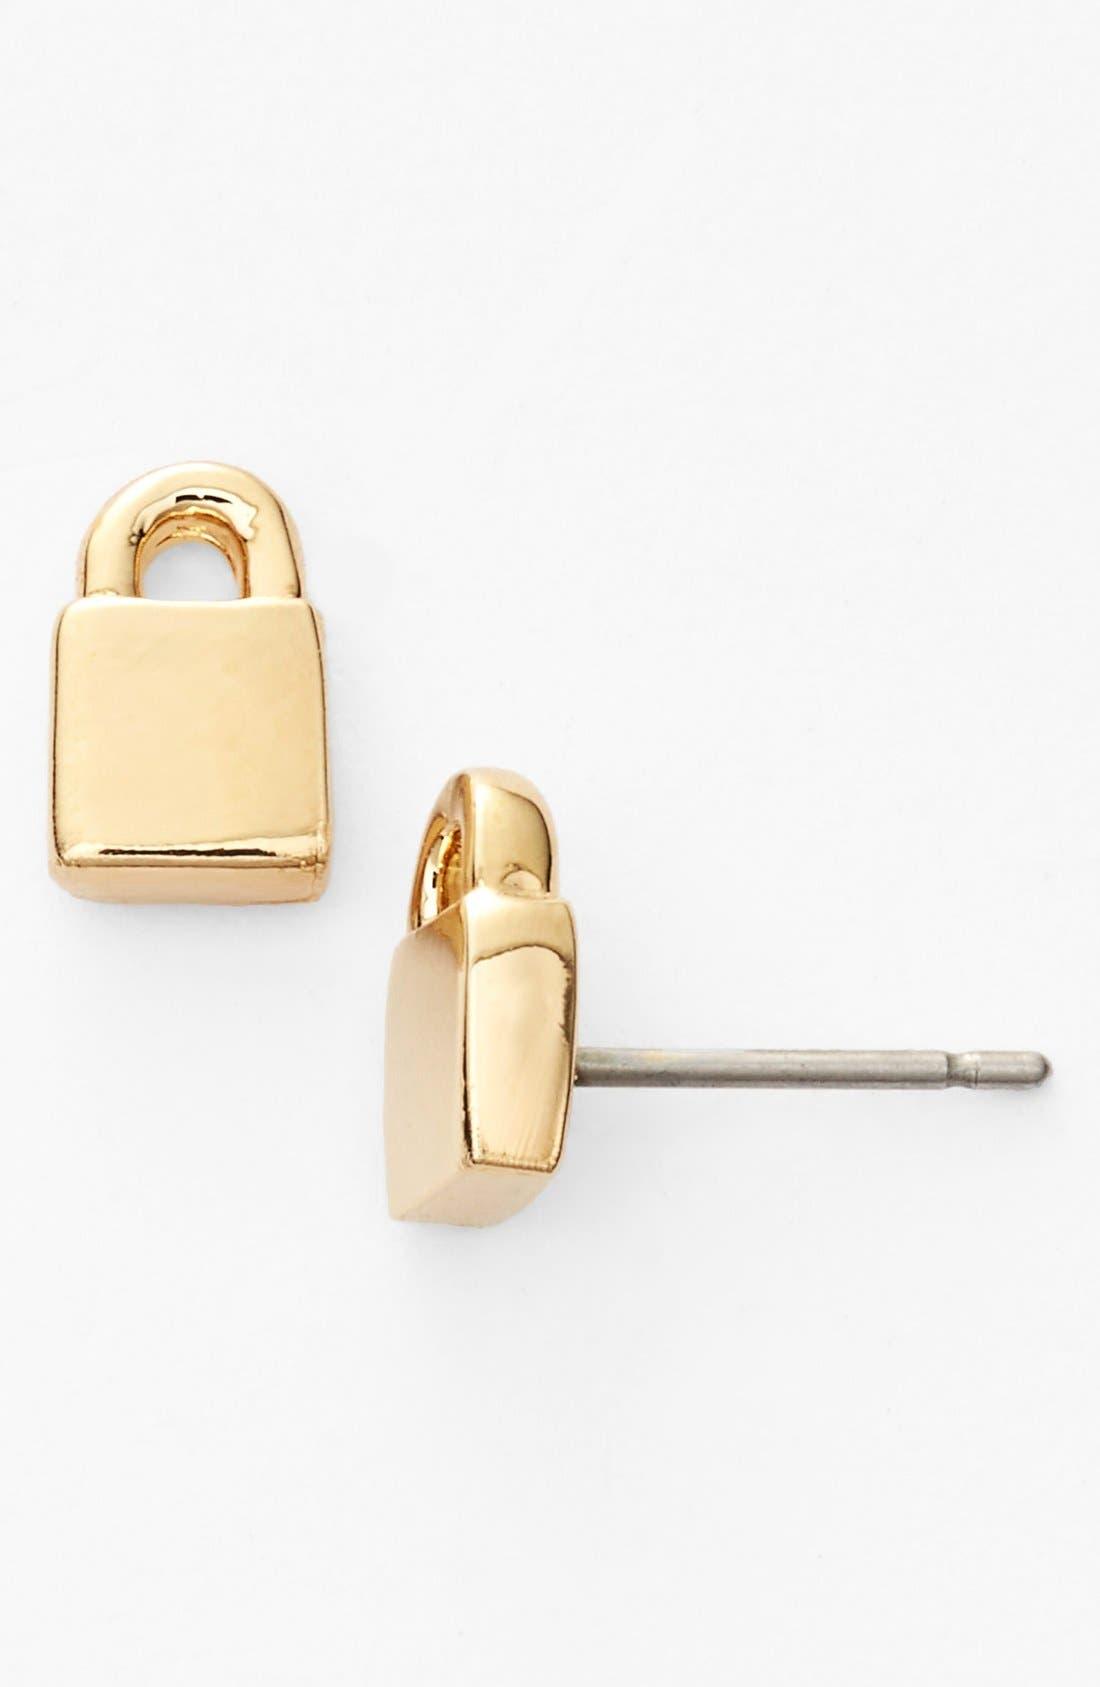 Alternate Image 1 Selected - MARC BY MARC JACOBS 'Locked in Orbit' Lock Stud Earrings